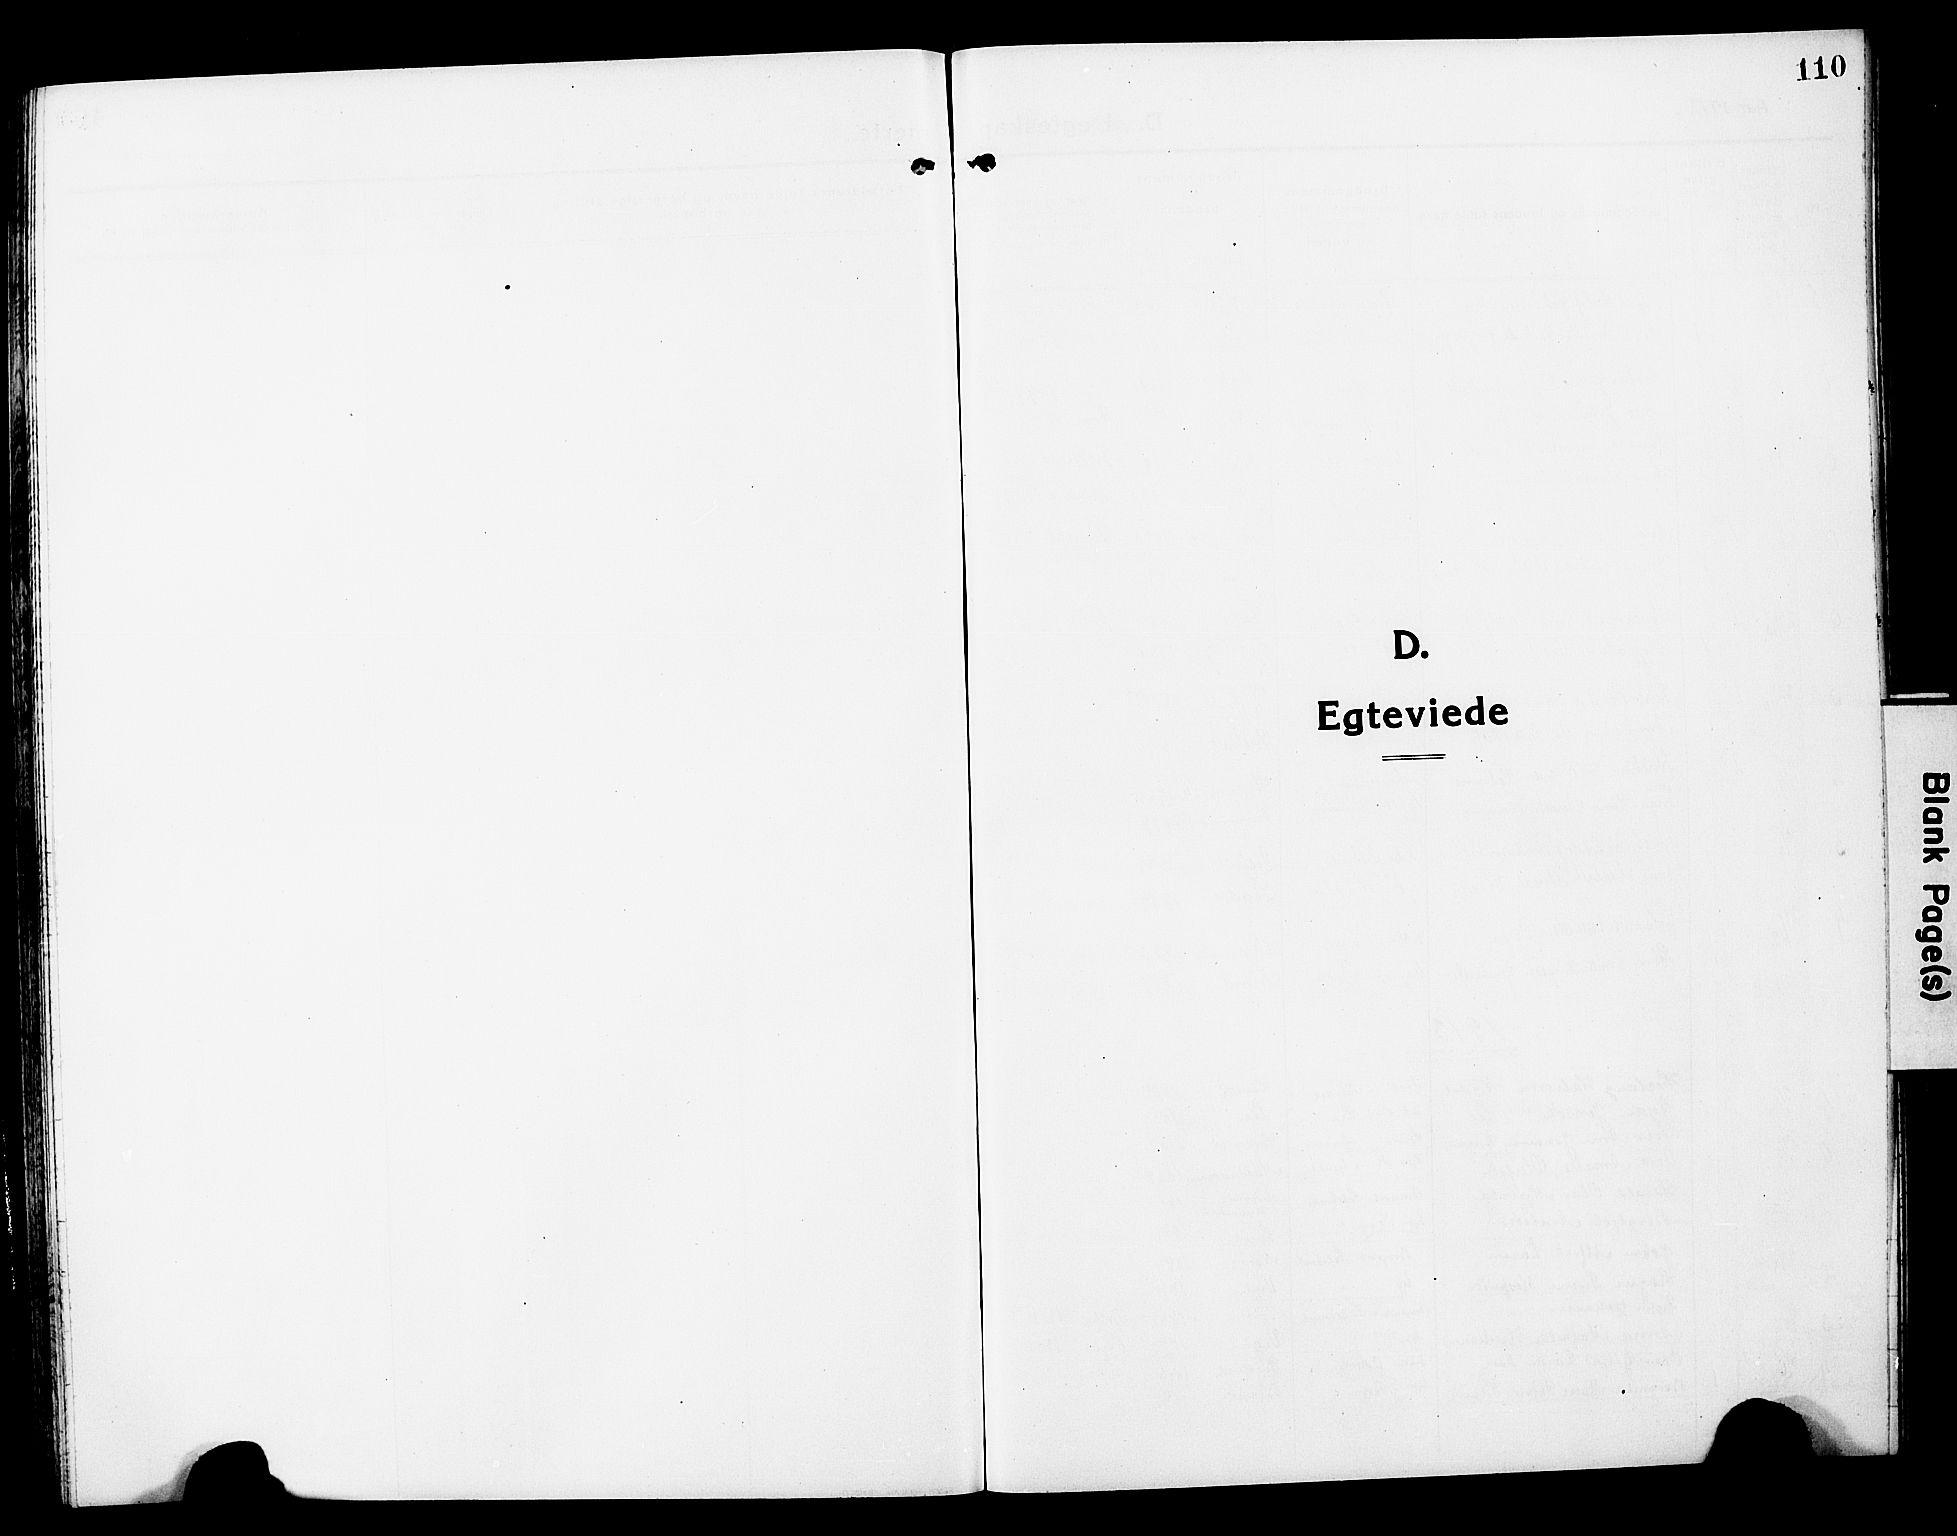 SAT, Ministerialprotokoller, klokkerbøker og fødselsregistre - Nord-Trøndelag, 780/L0653: Klokkerbok nr. 780C05, 1911-1927, s. 110